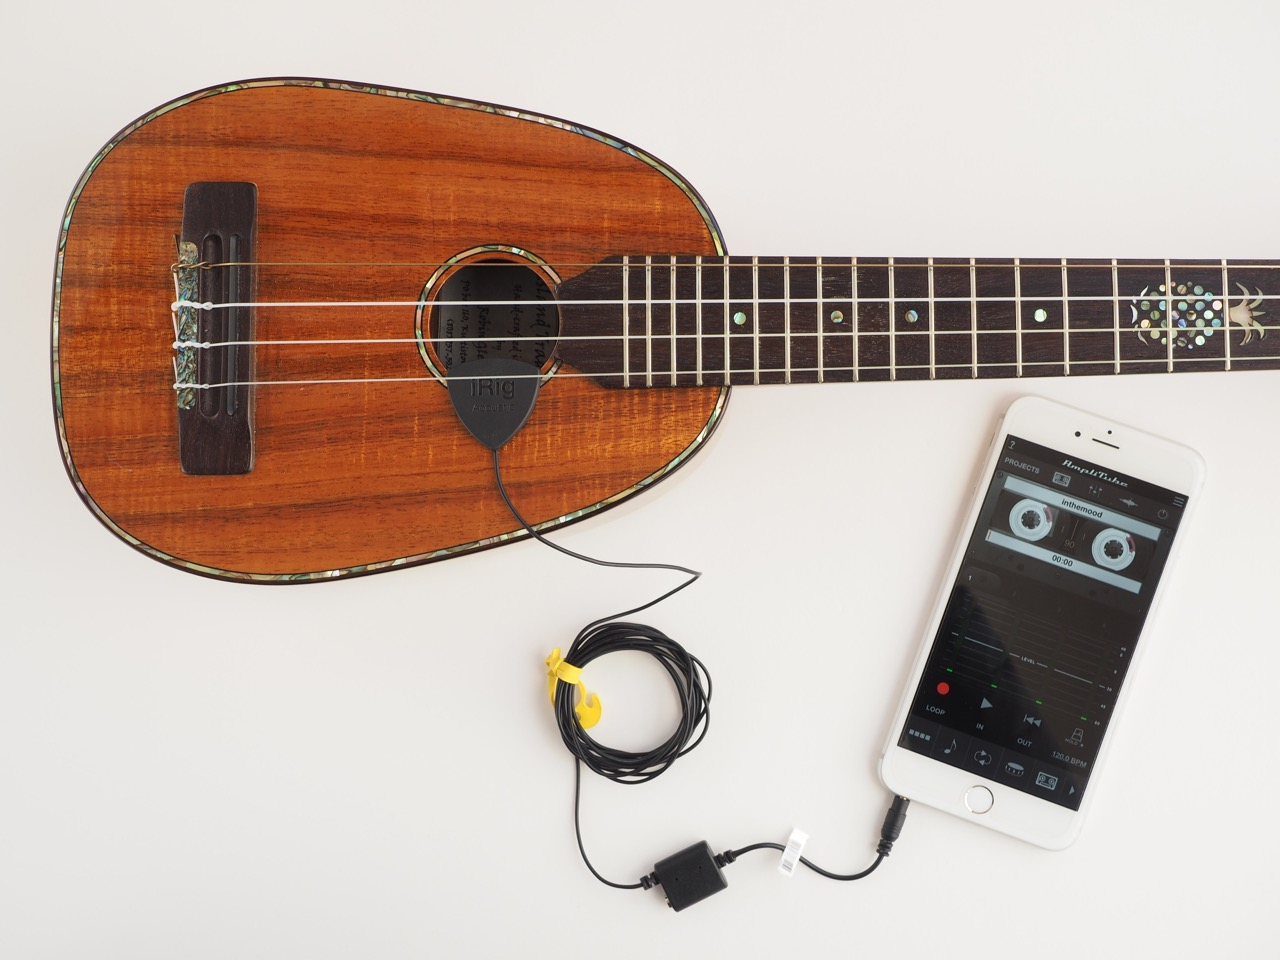 ギター、ウクレレのちょい録音が簡単